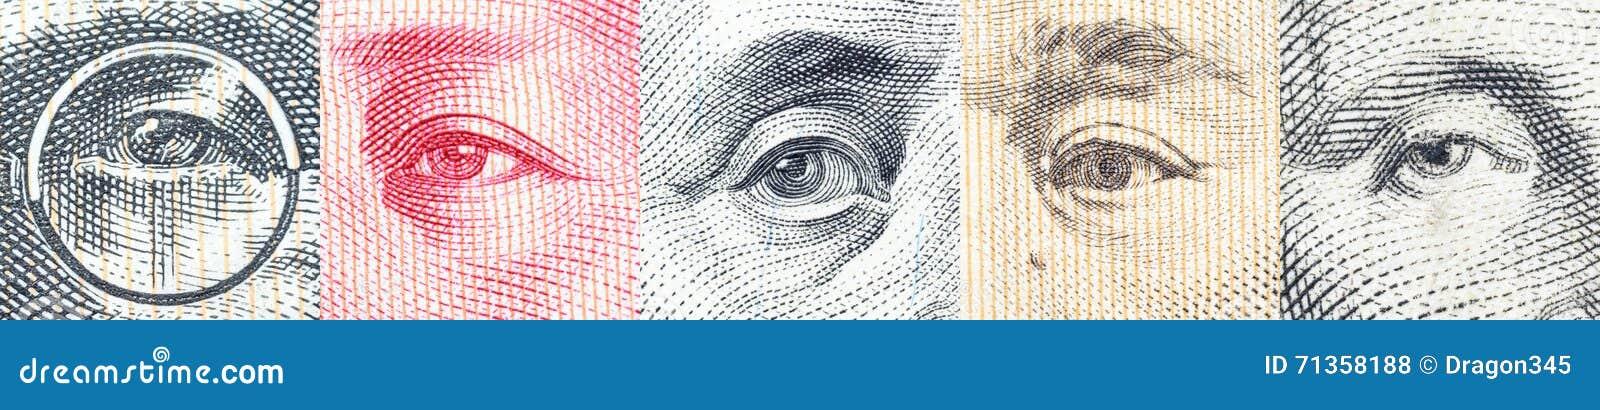 Stående/bilder/ögonen av den berömda ledaren på sedlar, valutor av de mest framträdande länderna i världen